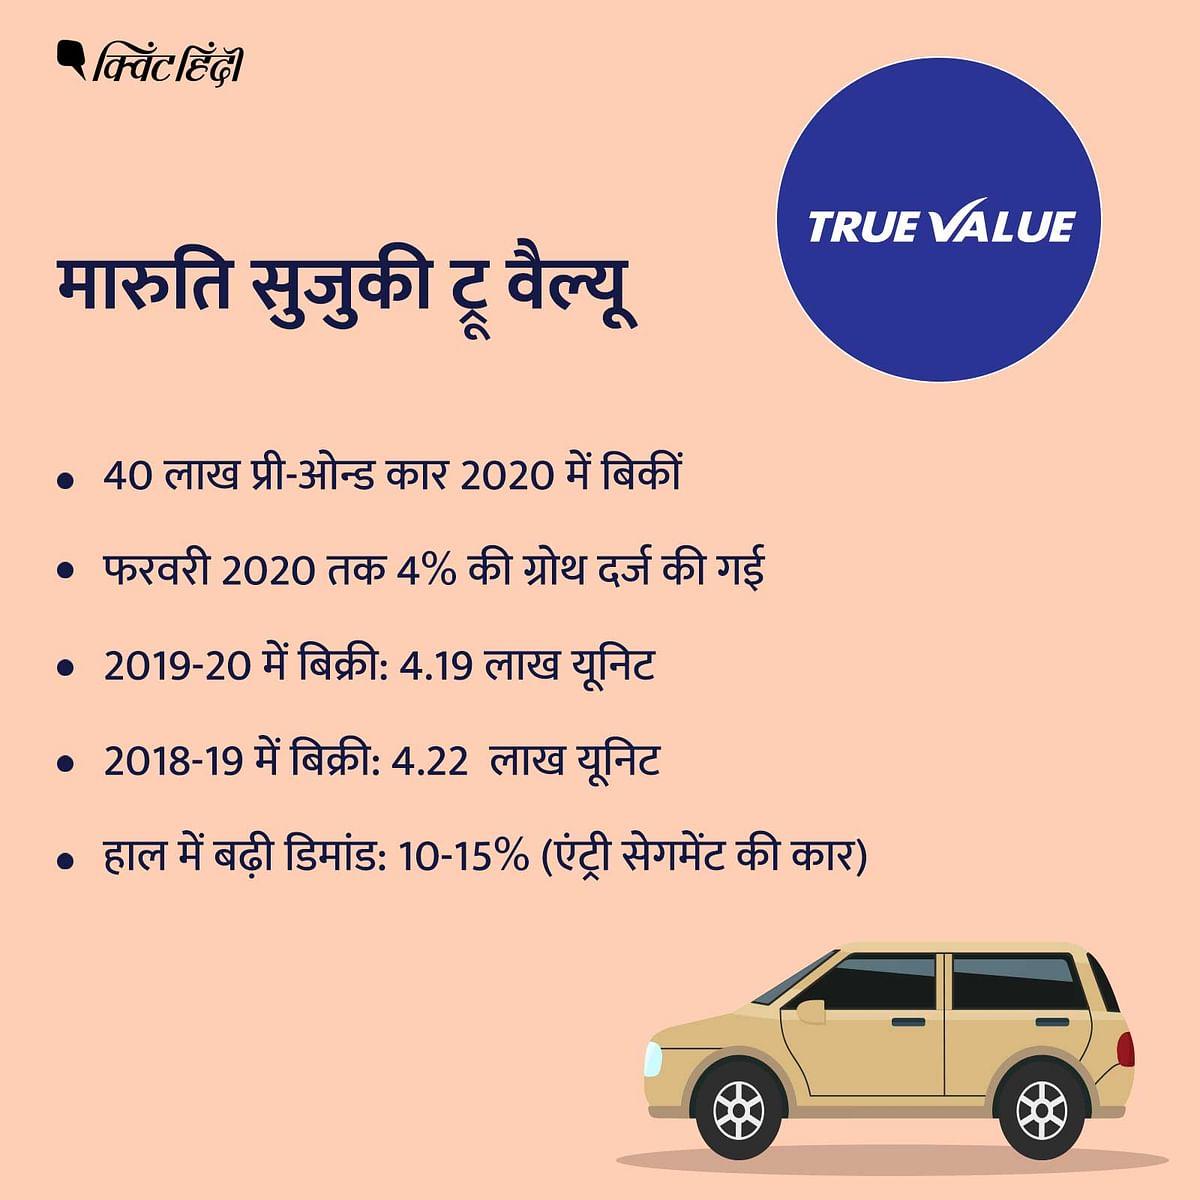 मारुति सुजुकी ट्रू वैल्यू के मुताबिक उन्होंने  2019-20 में 4.19 लाख यूनिट कारों का ट्रांजैक्शन किया है